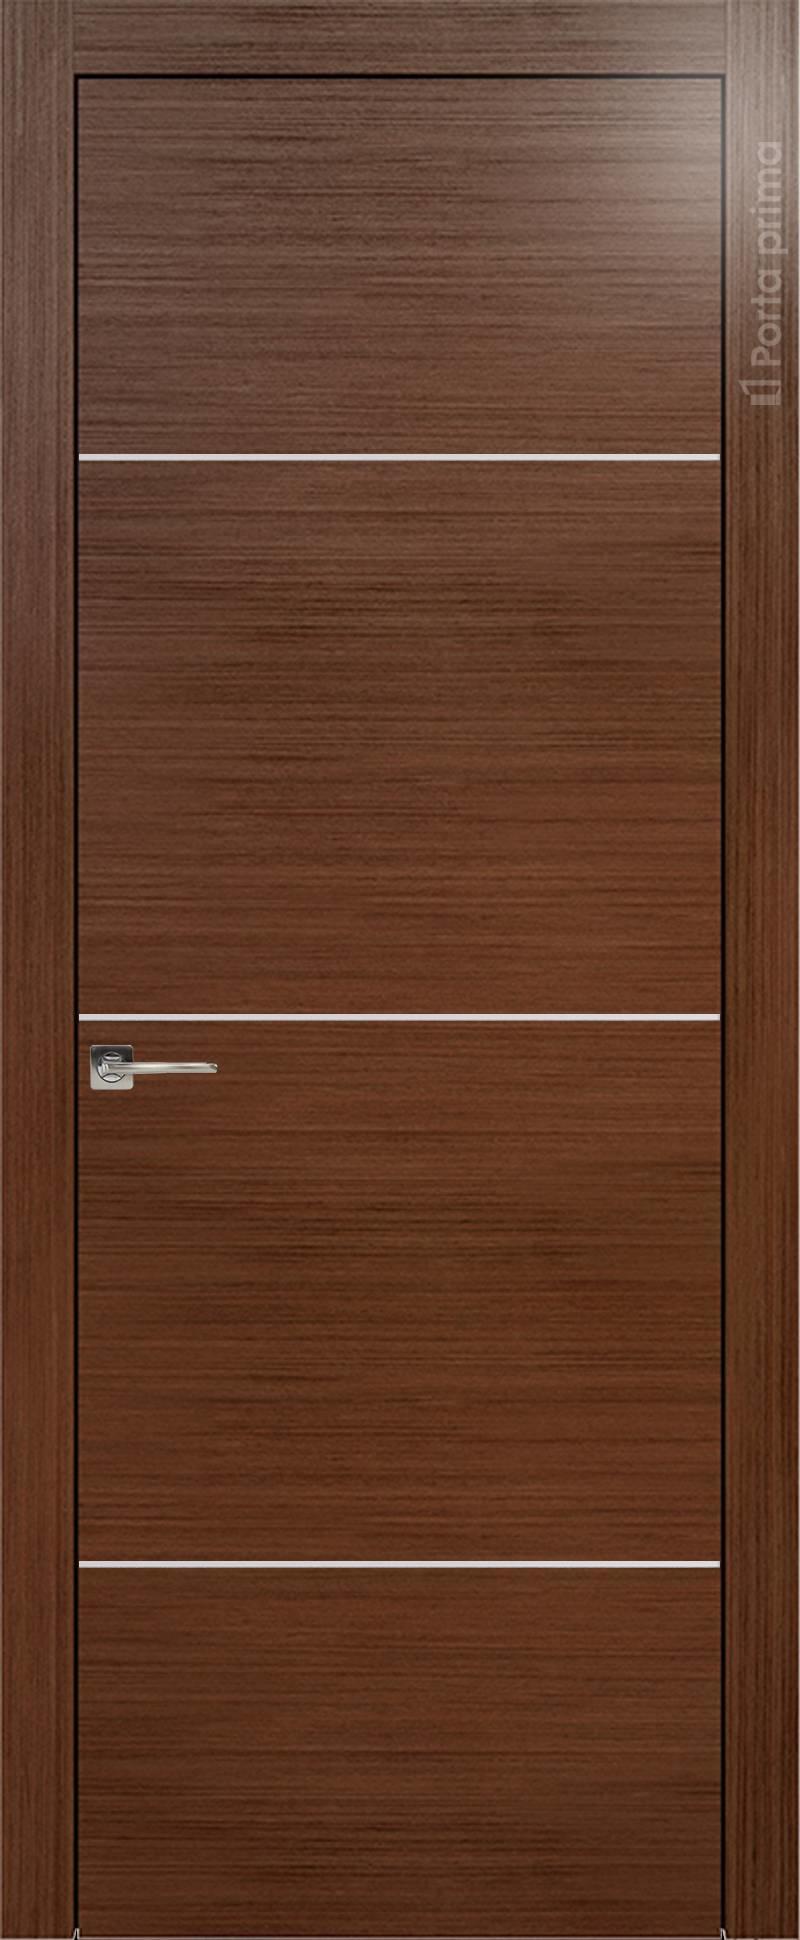 Tivoli Г-3 цвет - Темный орех Без стекла (ДГ)